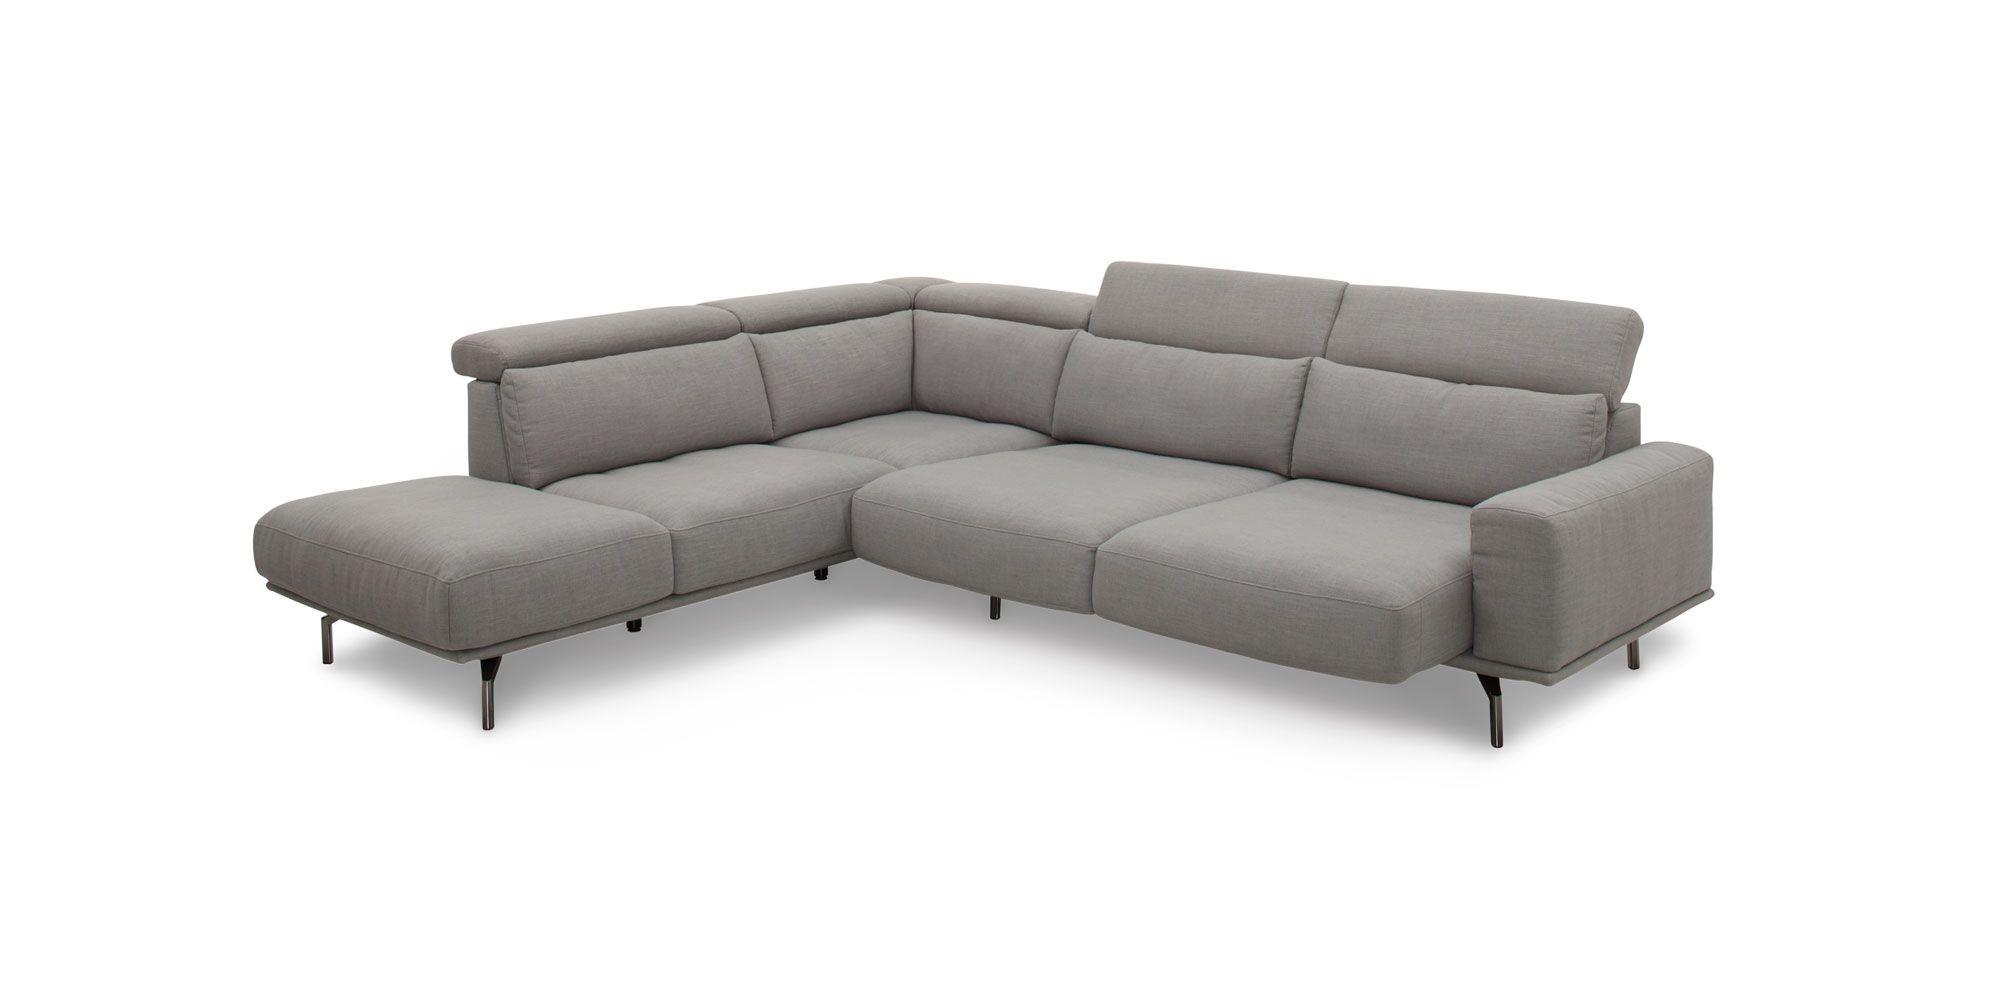 Ewald schillig sofa mit schlaffunktion for Ausstellungsstucke sofa